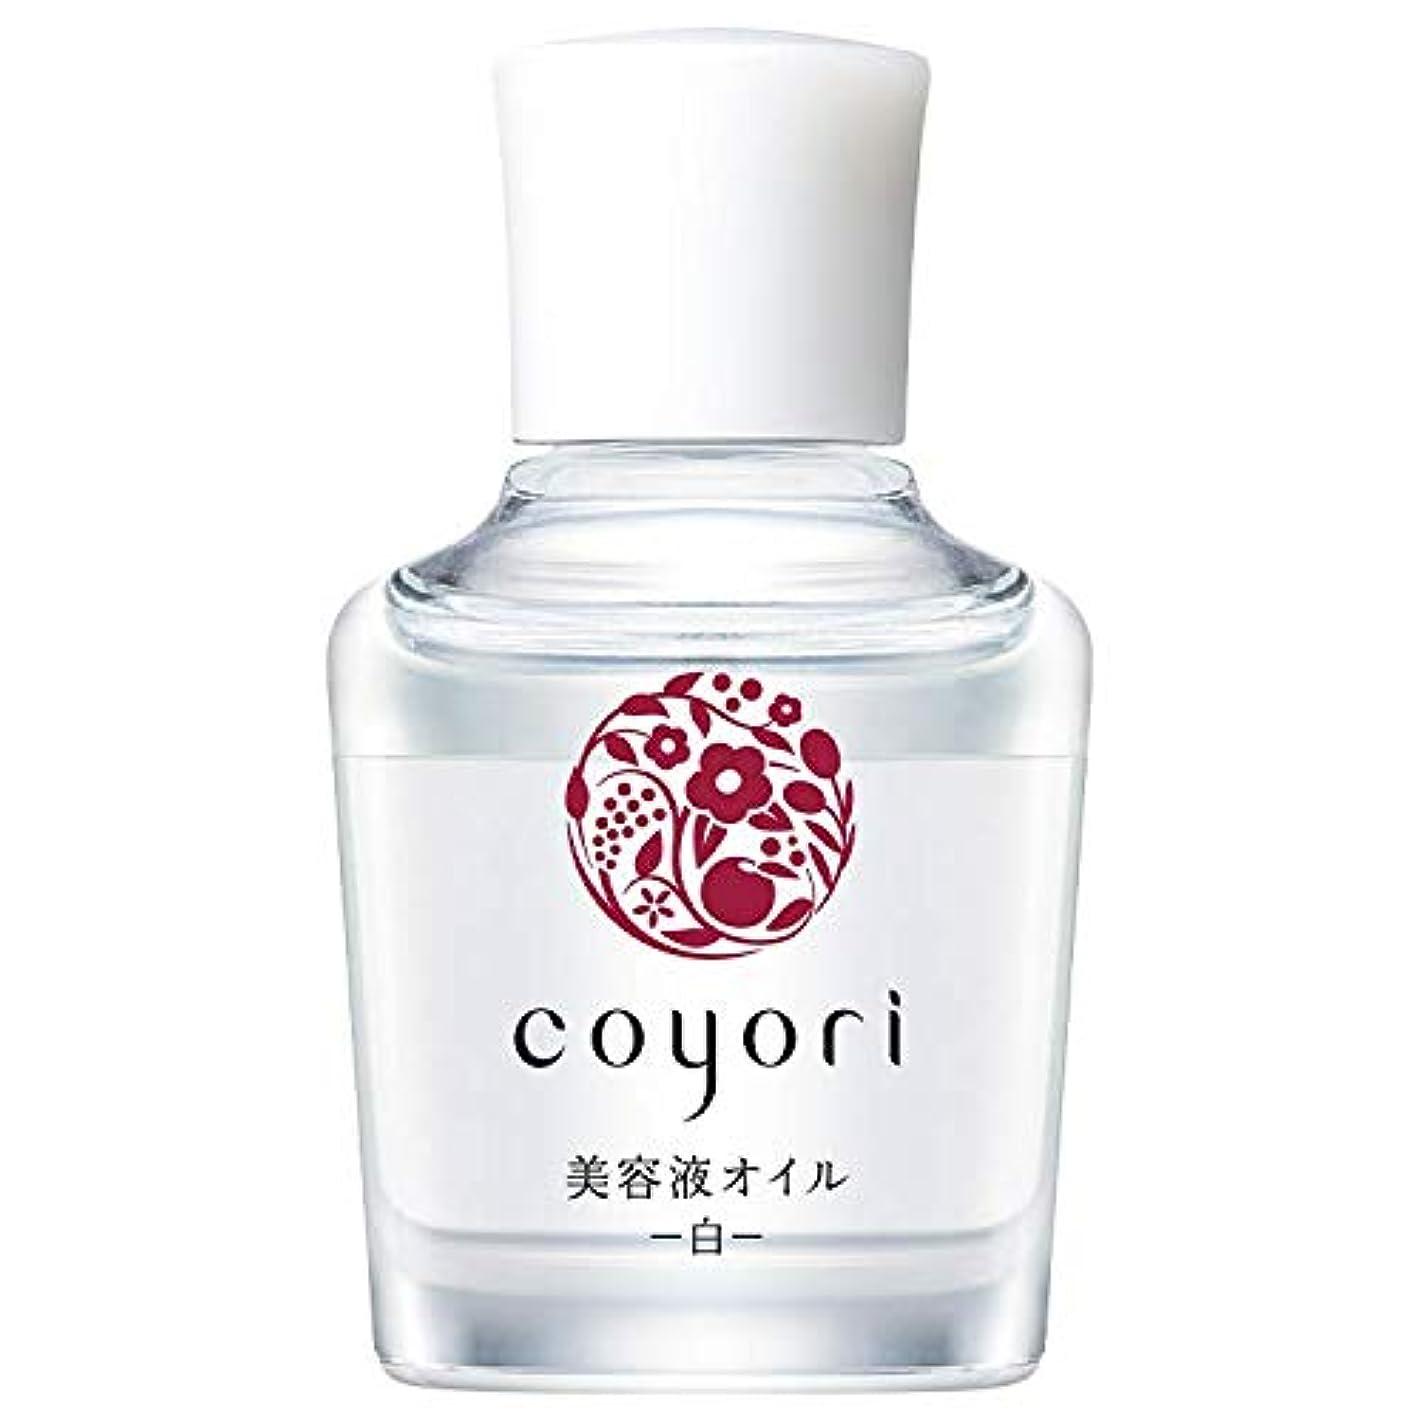 責養う蓋[公式] コヨリ 美容液オイル-白- 20mL 無添加[高機能 自然派 エイジングケア 乾燥肌 敏感肌 くすみ 乾燥 小じわ 対策用 もっちり ハリ ツヤ フェイスオイル ]